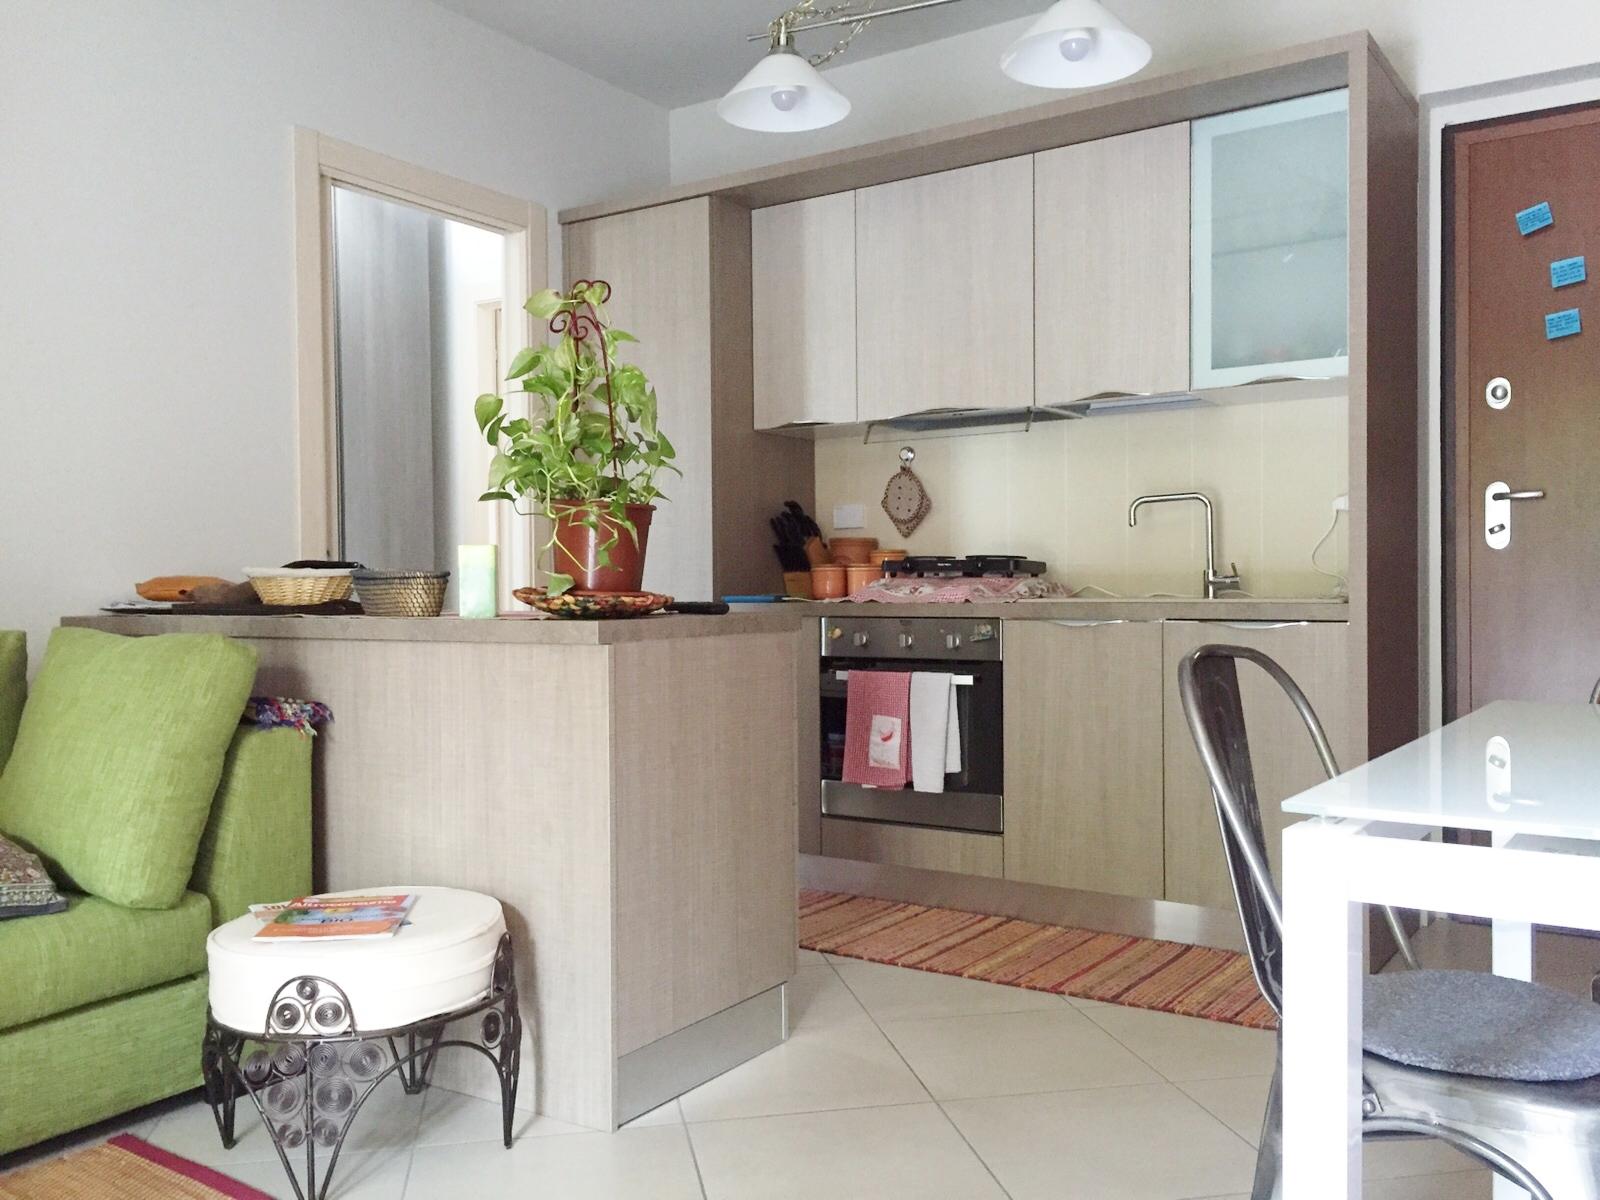 Optare per unire cucina e soggiorno in un open space di 25 mq ha un vantaggio. 3 Soluzioni Intelligenti Per Arredare In 45 Mq Zeta Concept